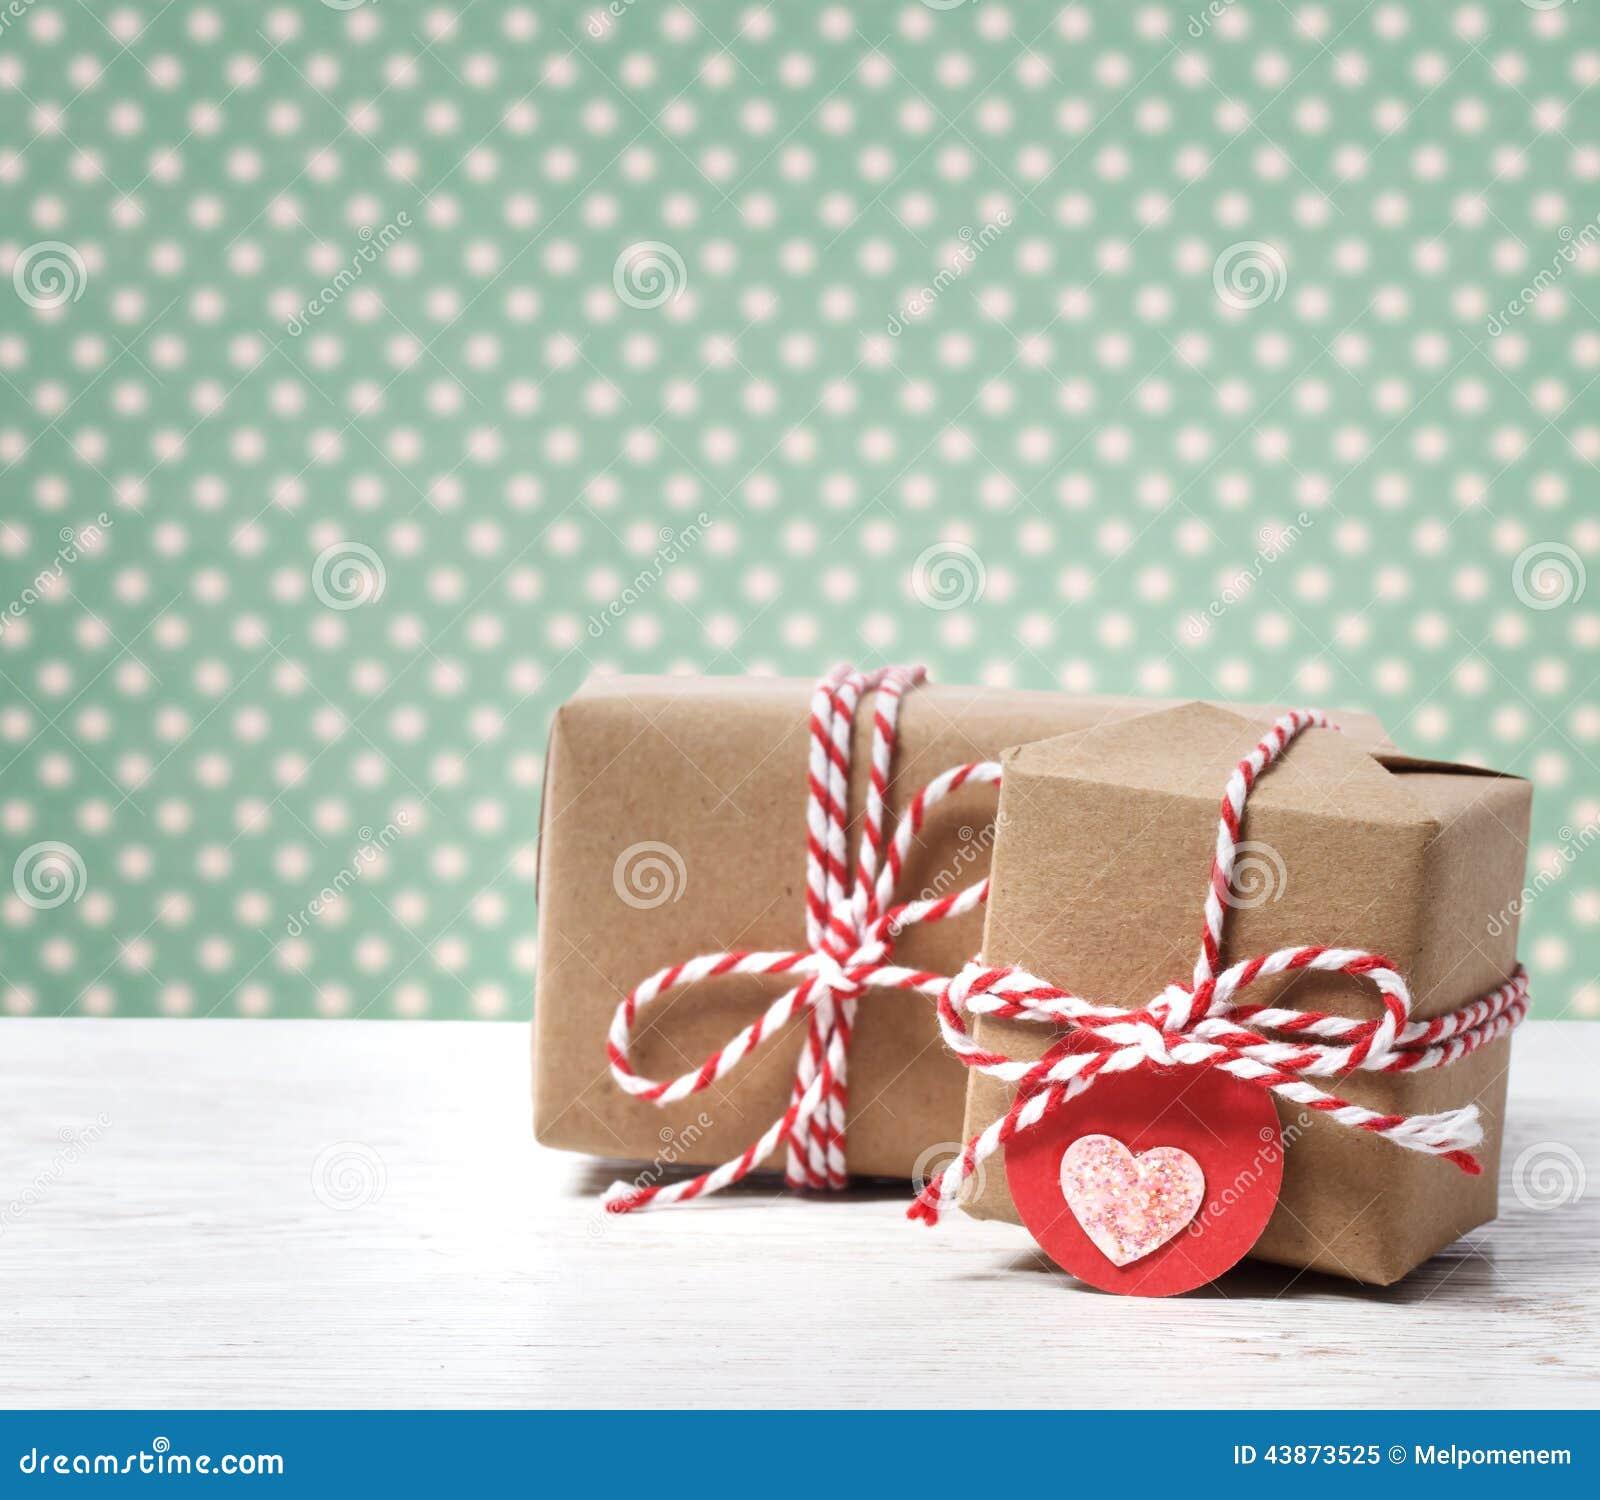 库存照片: 手工制造礼物盒图片